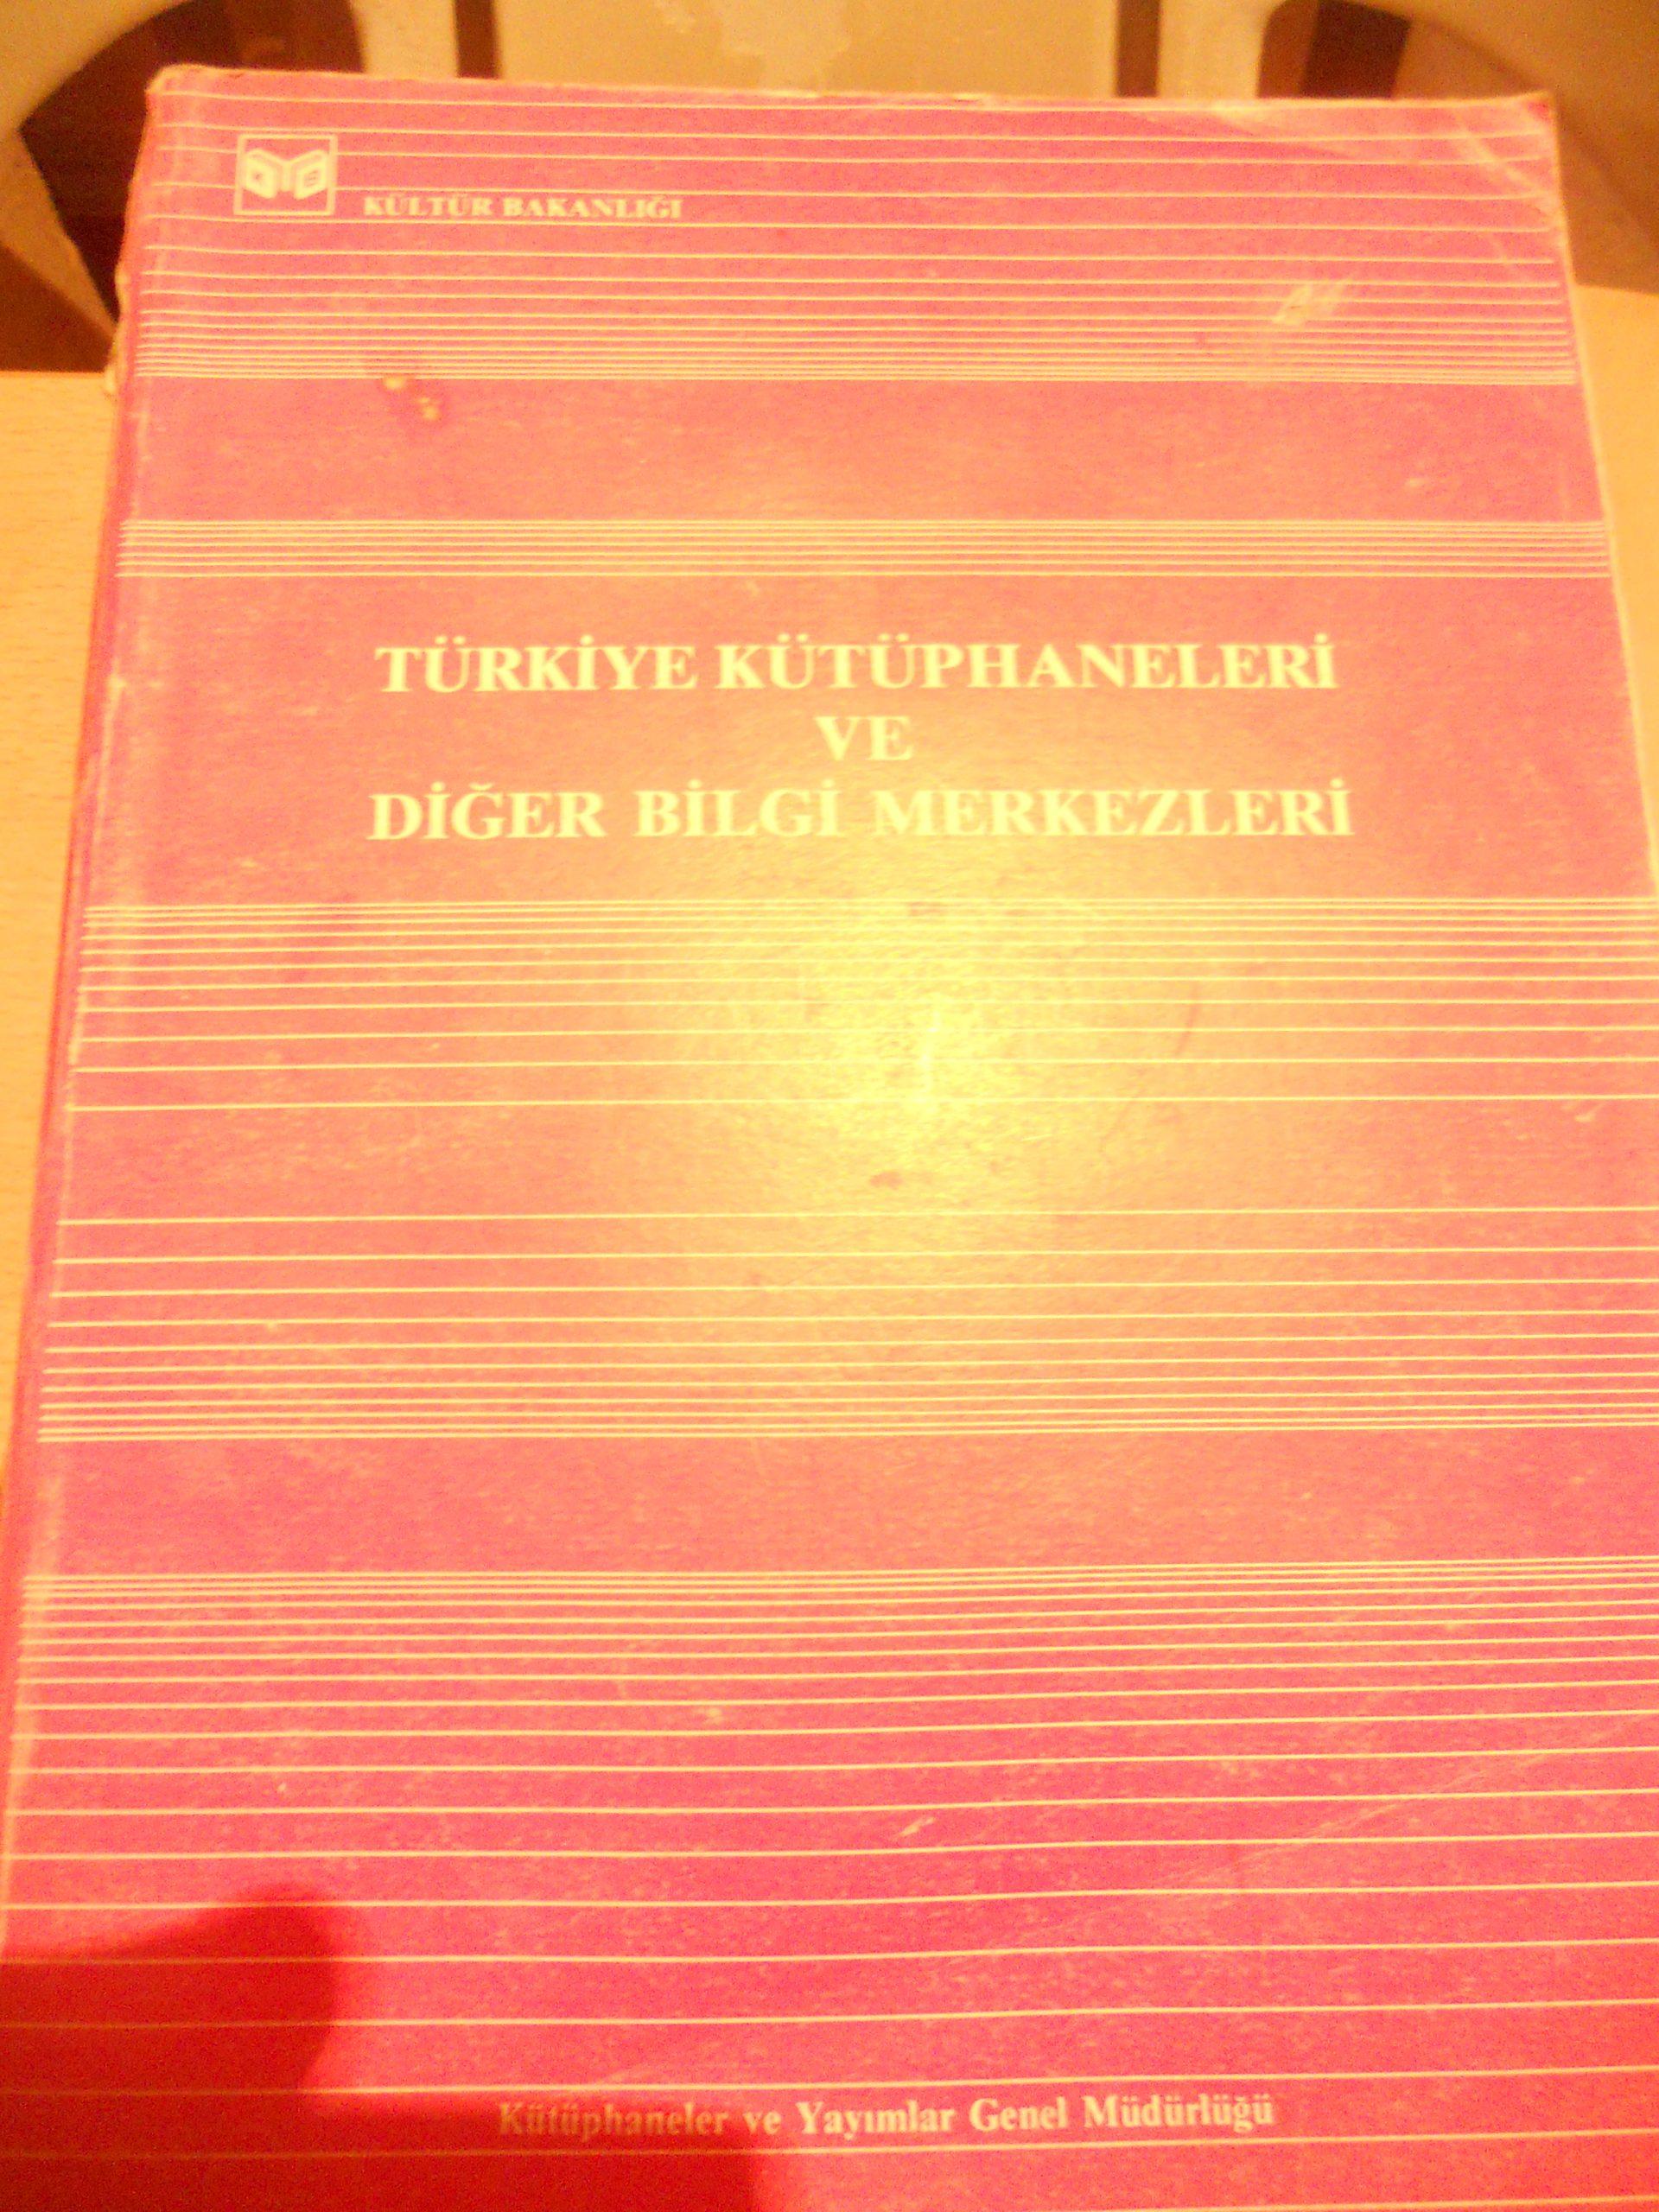 TÜRKİYE KÜTÜPHANELERİ VE DİĞER BİLGİ MERKEZLERİ/25 tl